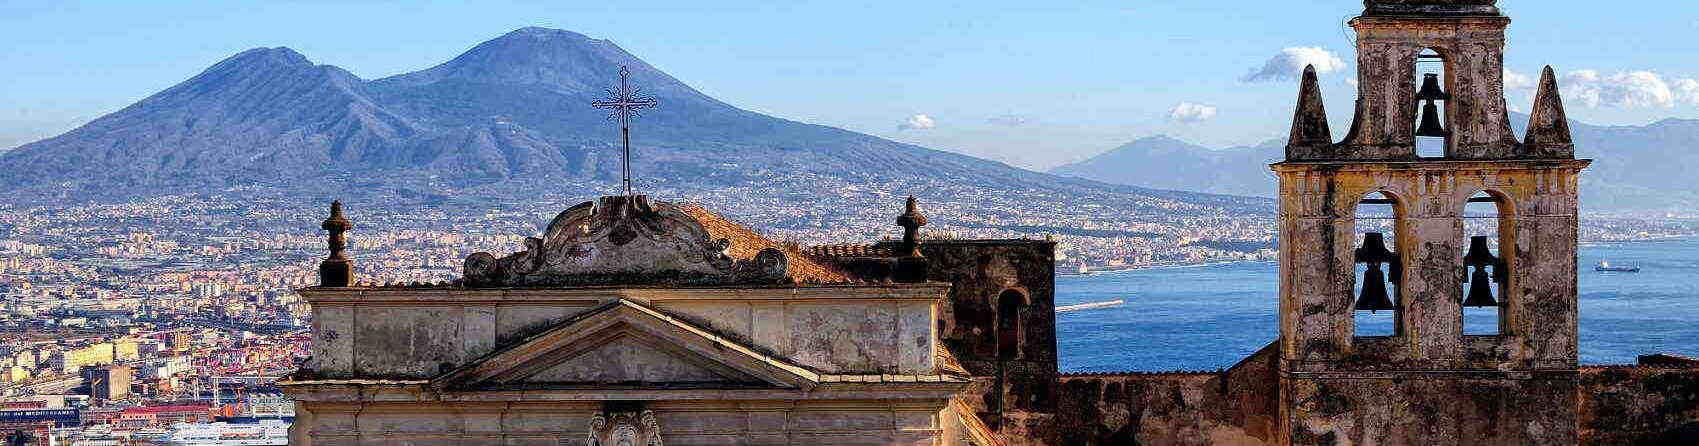 Pompeii & Mount Vesuvius Tour from €69